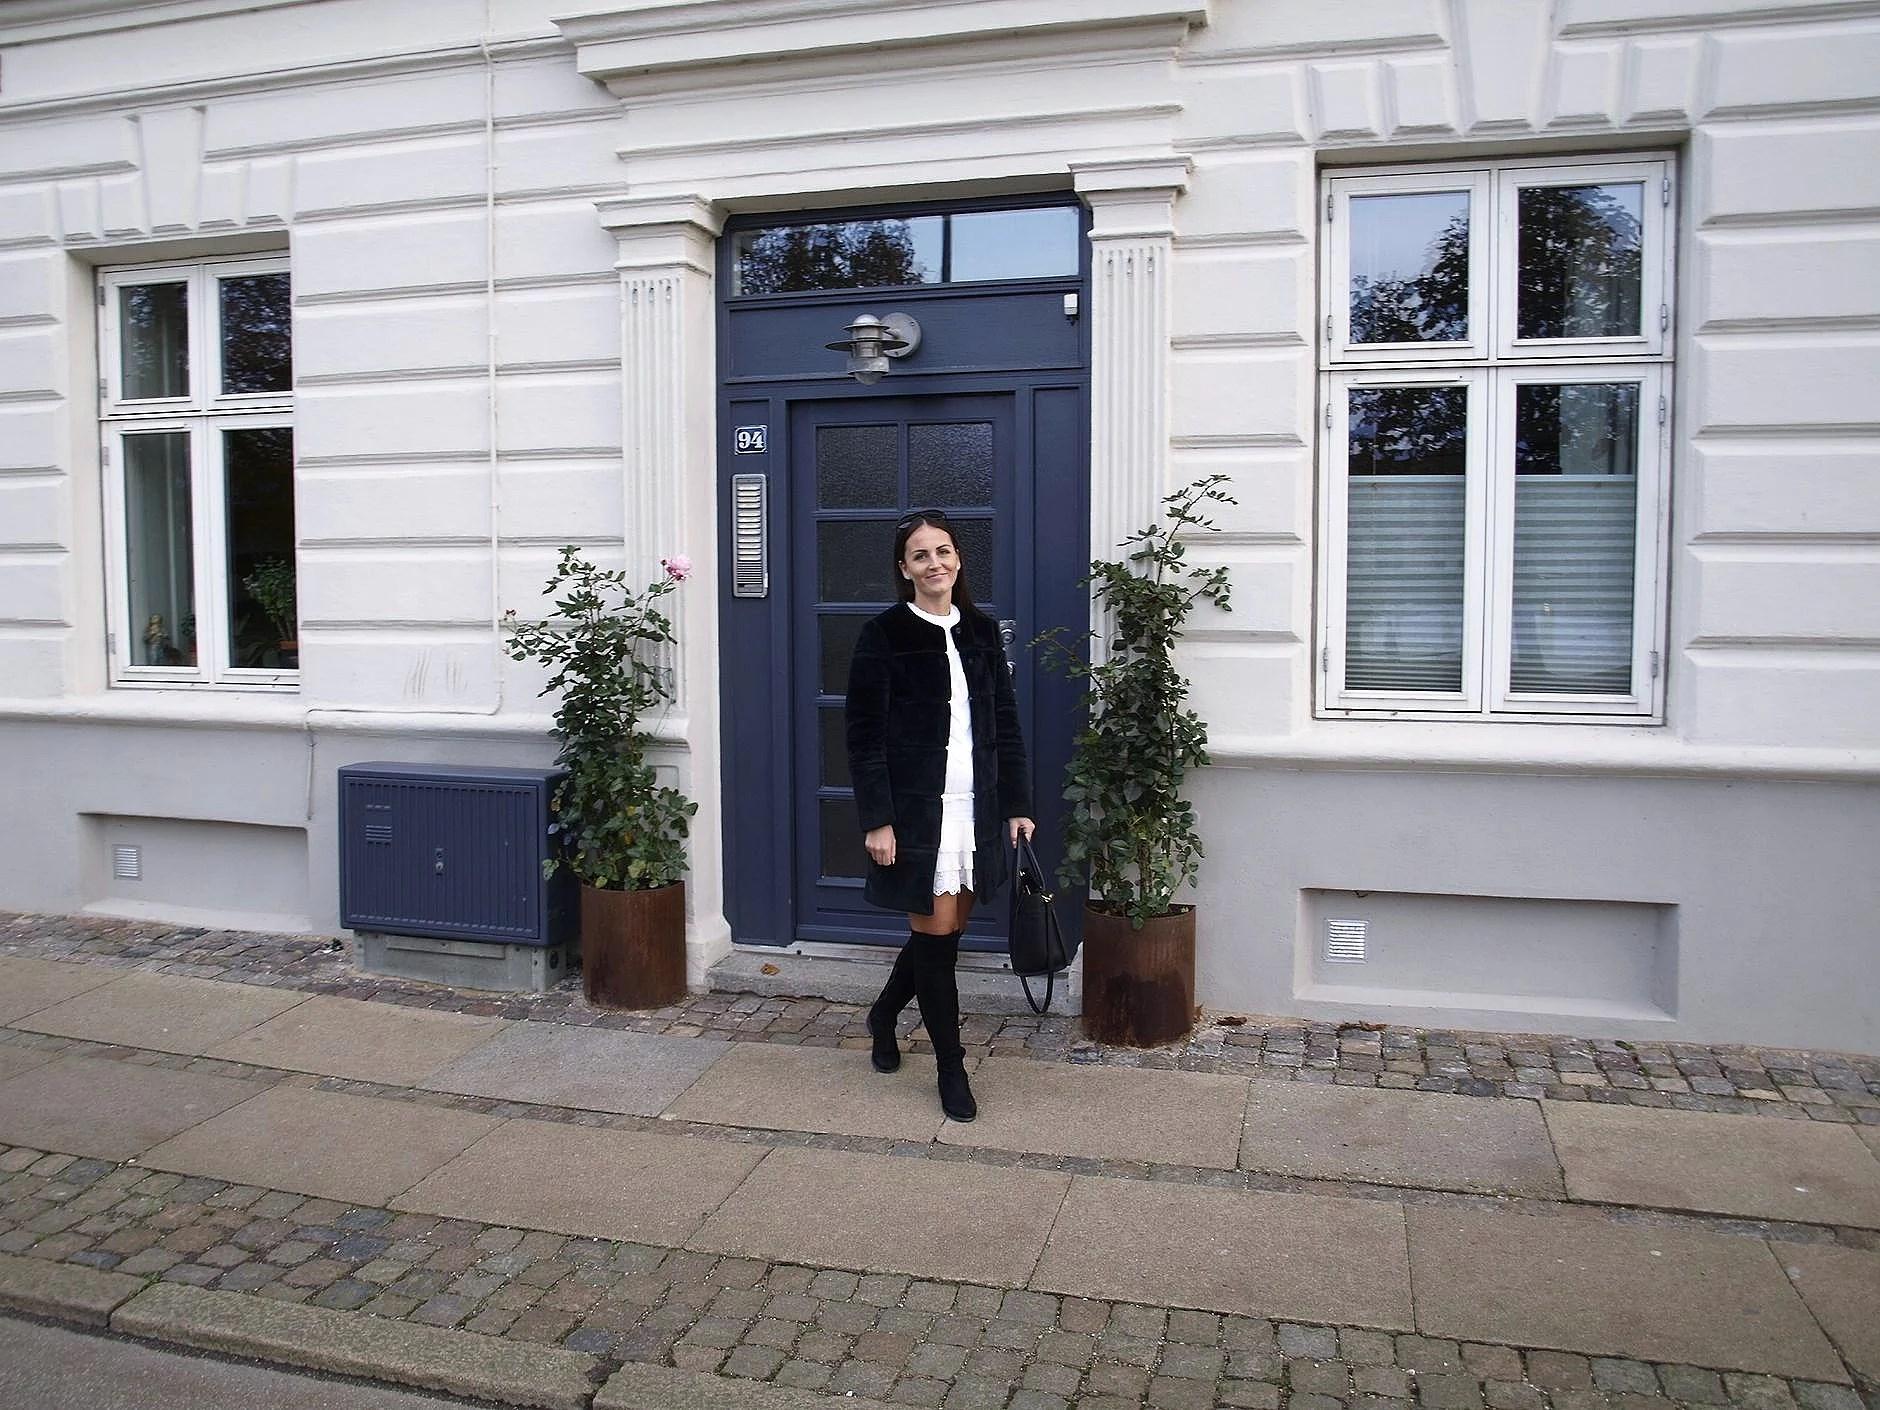 FRIDAY IN COPENHAGEN